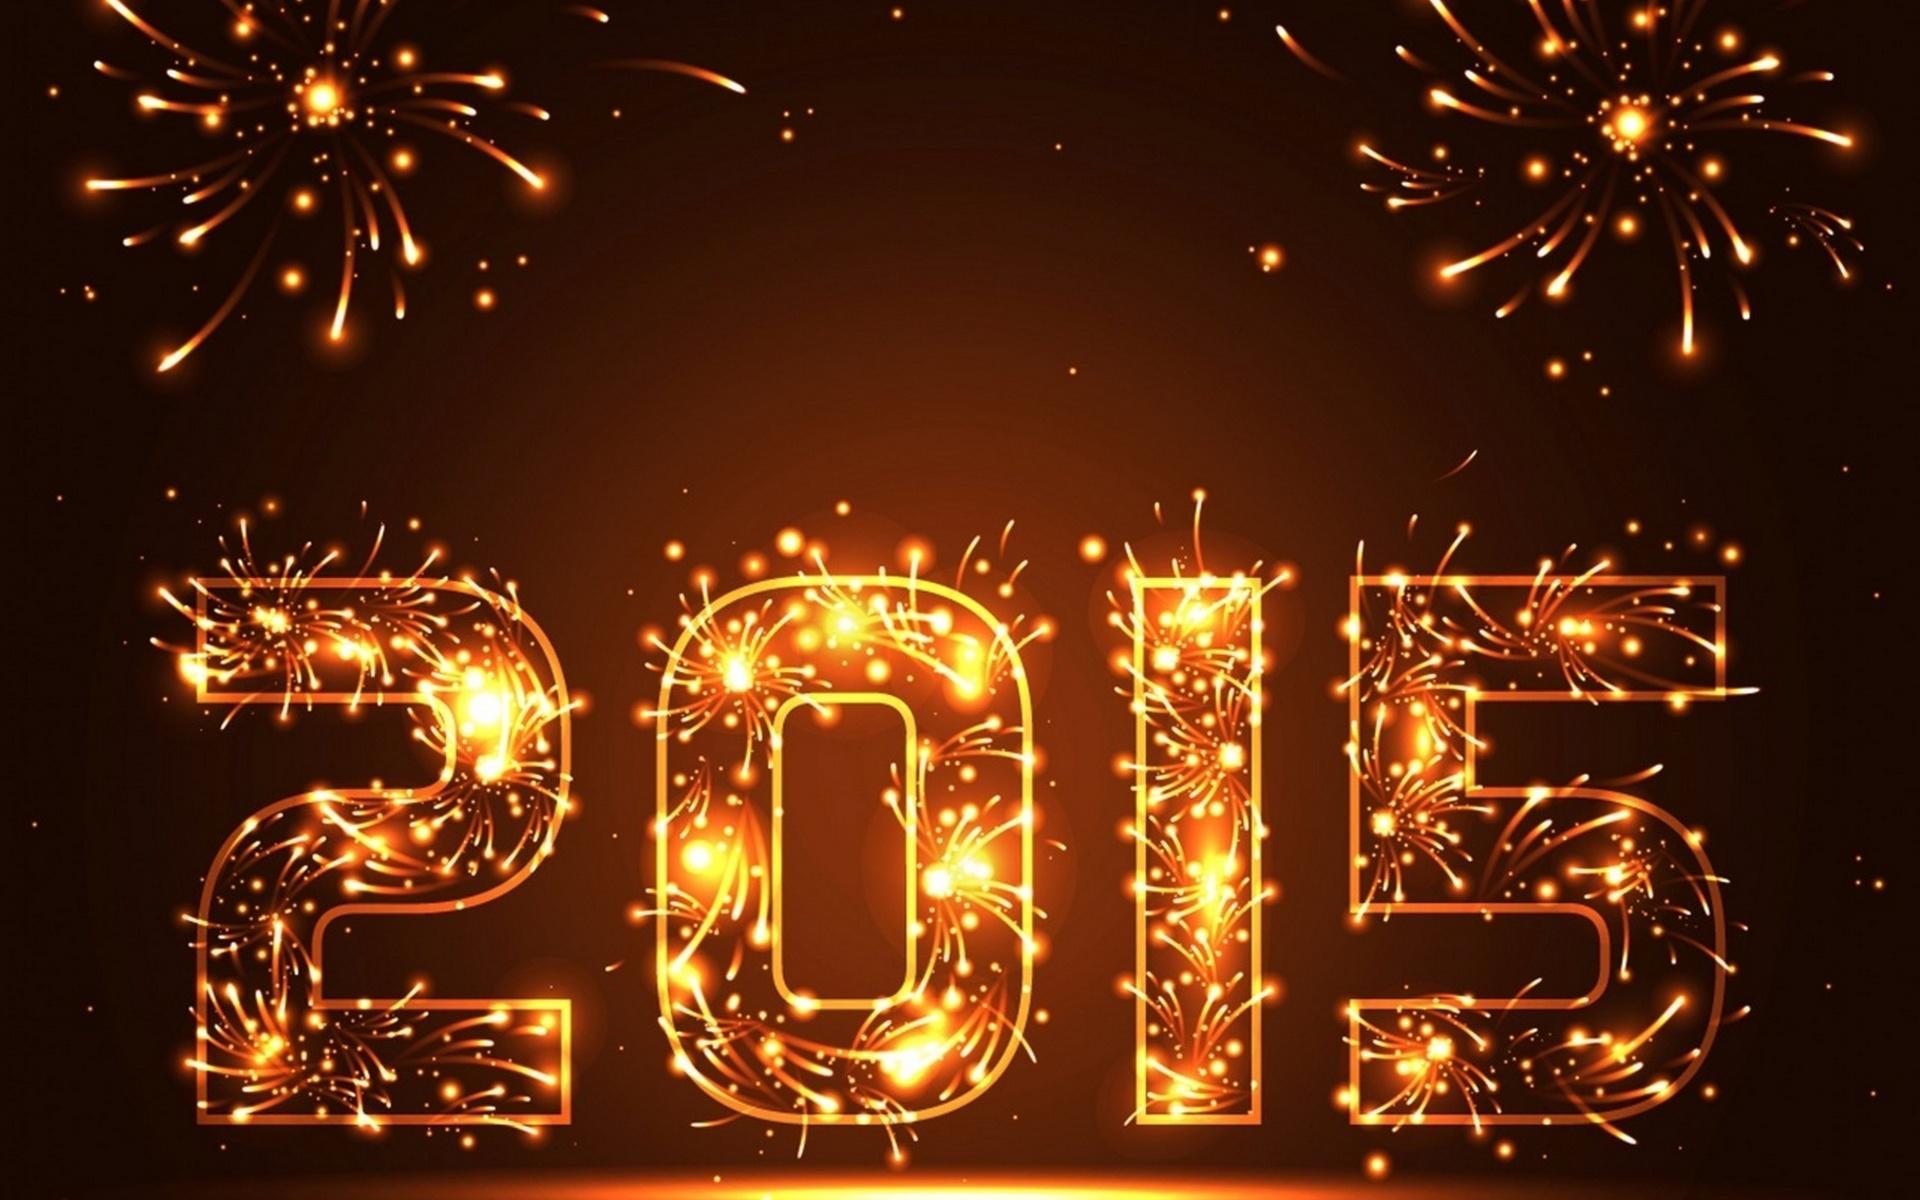 Сделать открытку, открытка нового года 2015